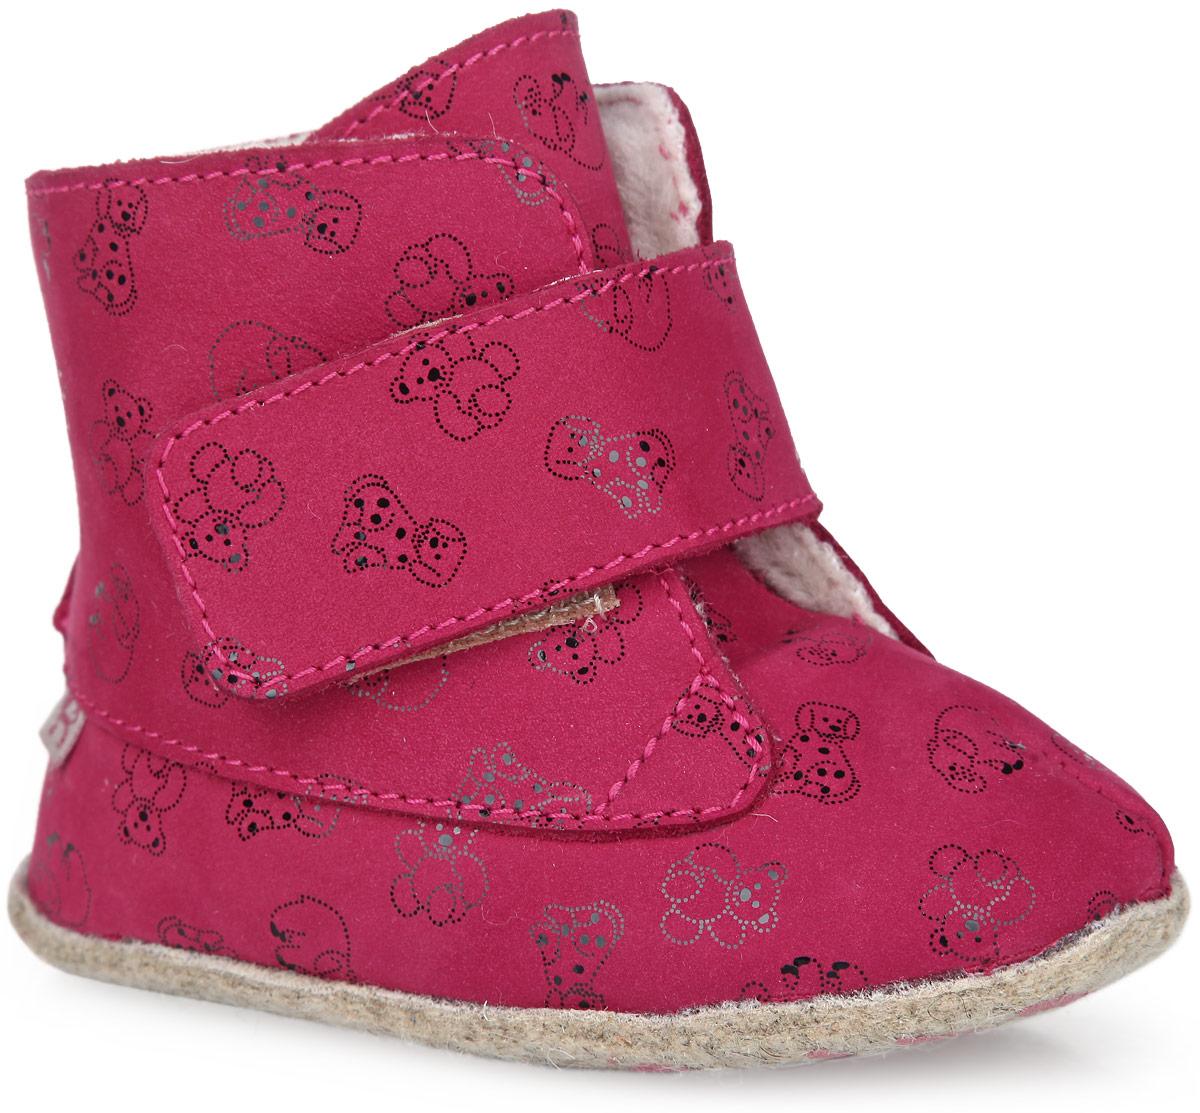 002028-42Теплые пинетки для девочки Котофей, стилизованные под сапожки, станут отличным дополнением к детскому гардеробу. Изделие выполнено из натуральной кожи с ворсом из овечьей шерсти с высокими теплозащитными свойствами. Модель застегивается сбоку на застежку-липучку, которая фиксирует пинетки на ножке ребенка. На подошве предусмотрен рельефный рисунок, благодаря которому ребенок не будет скользить. Изделие украшено принтом с изображением игрушек. Комфортные, не сдавливающие ножку материалы делают модель практичной и популярной. Такие пинетки - отличное решение для малышей и их родителей!